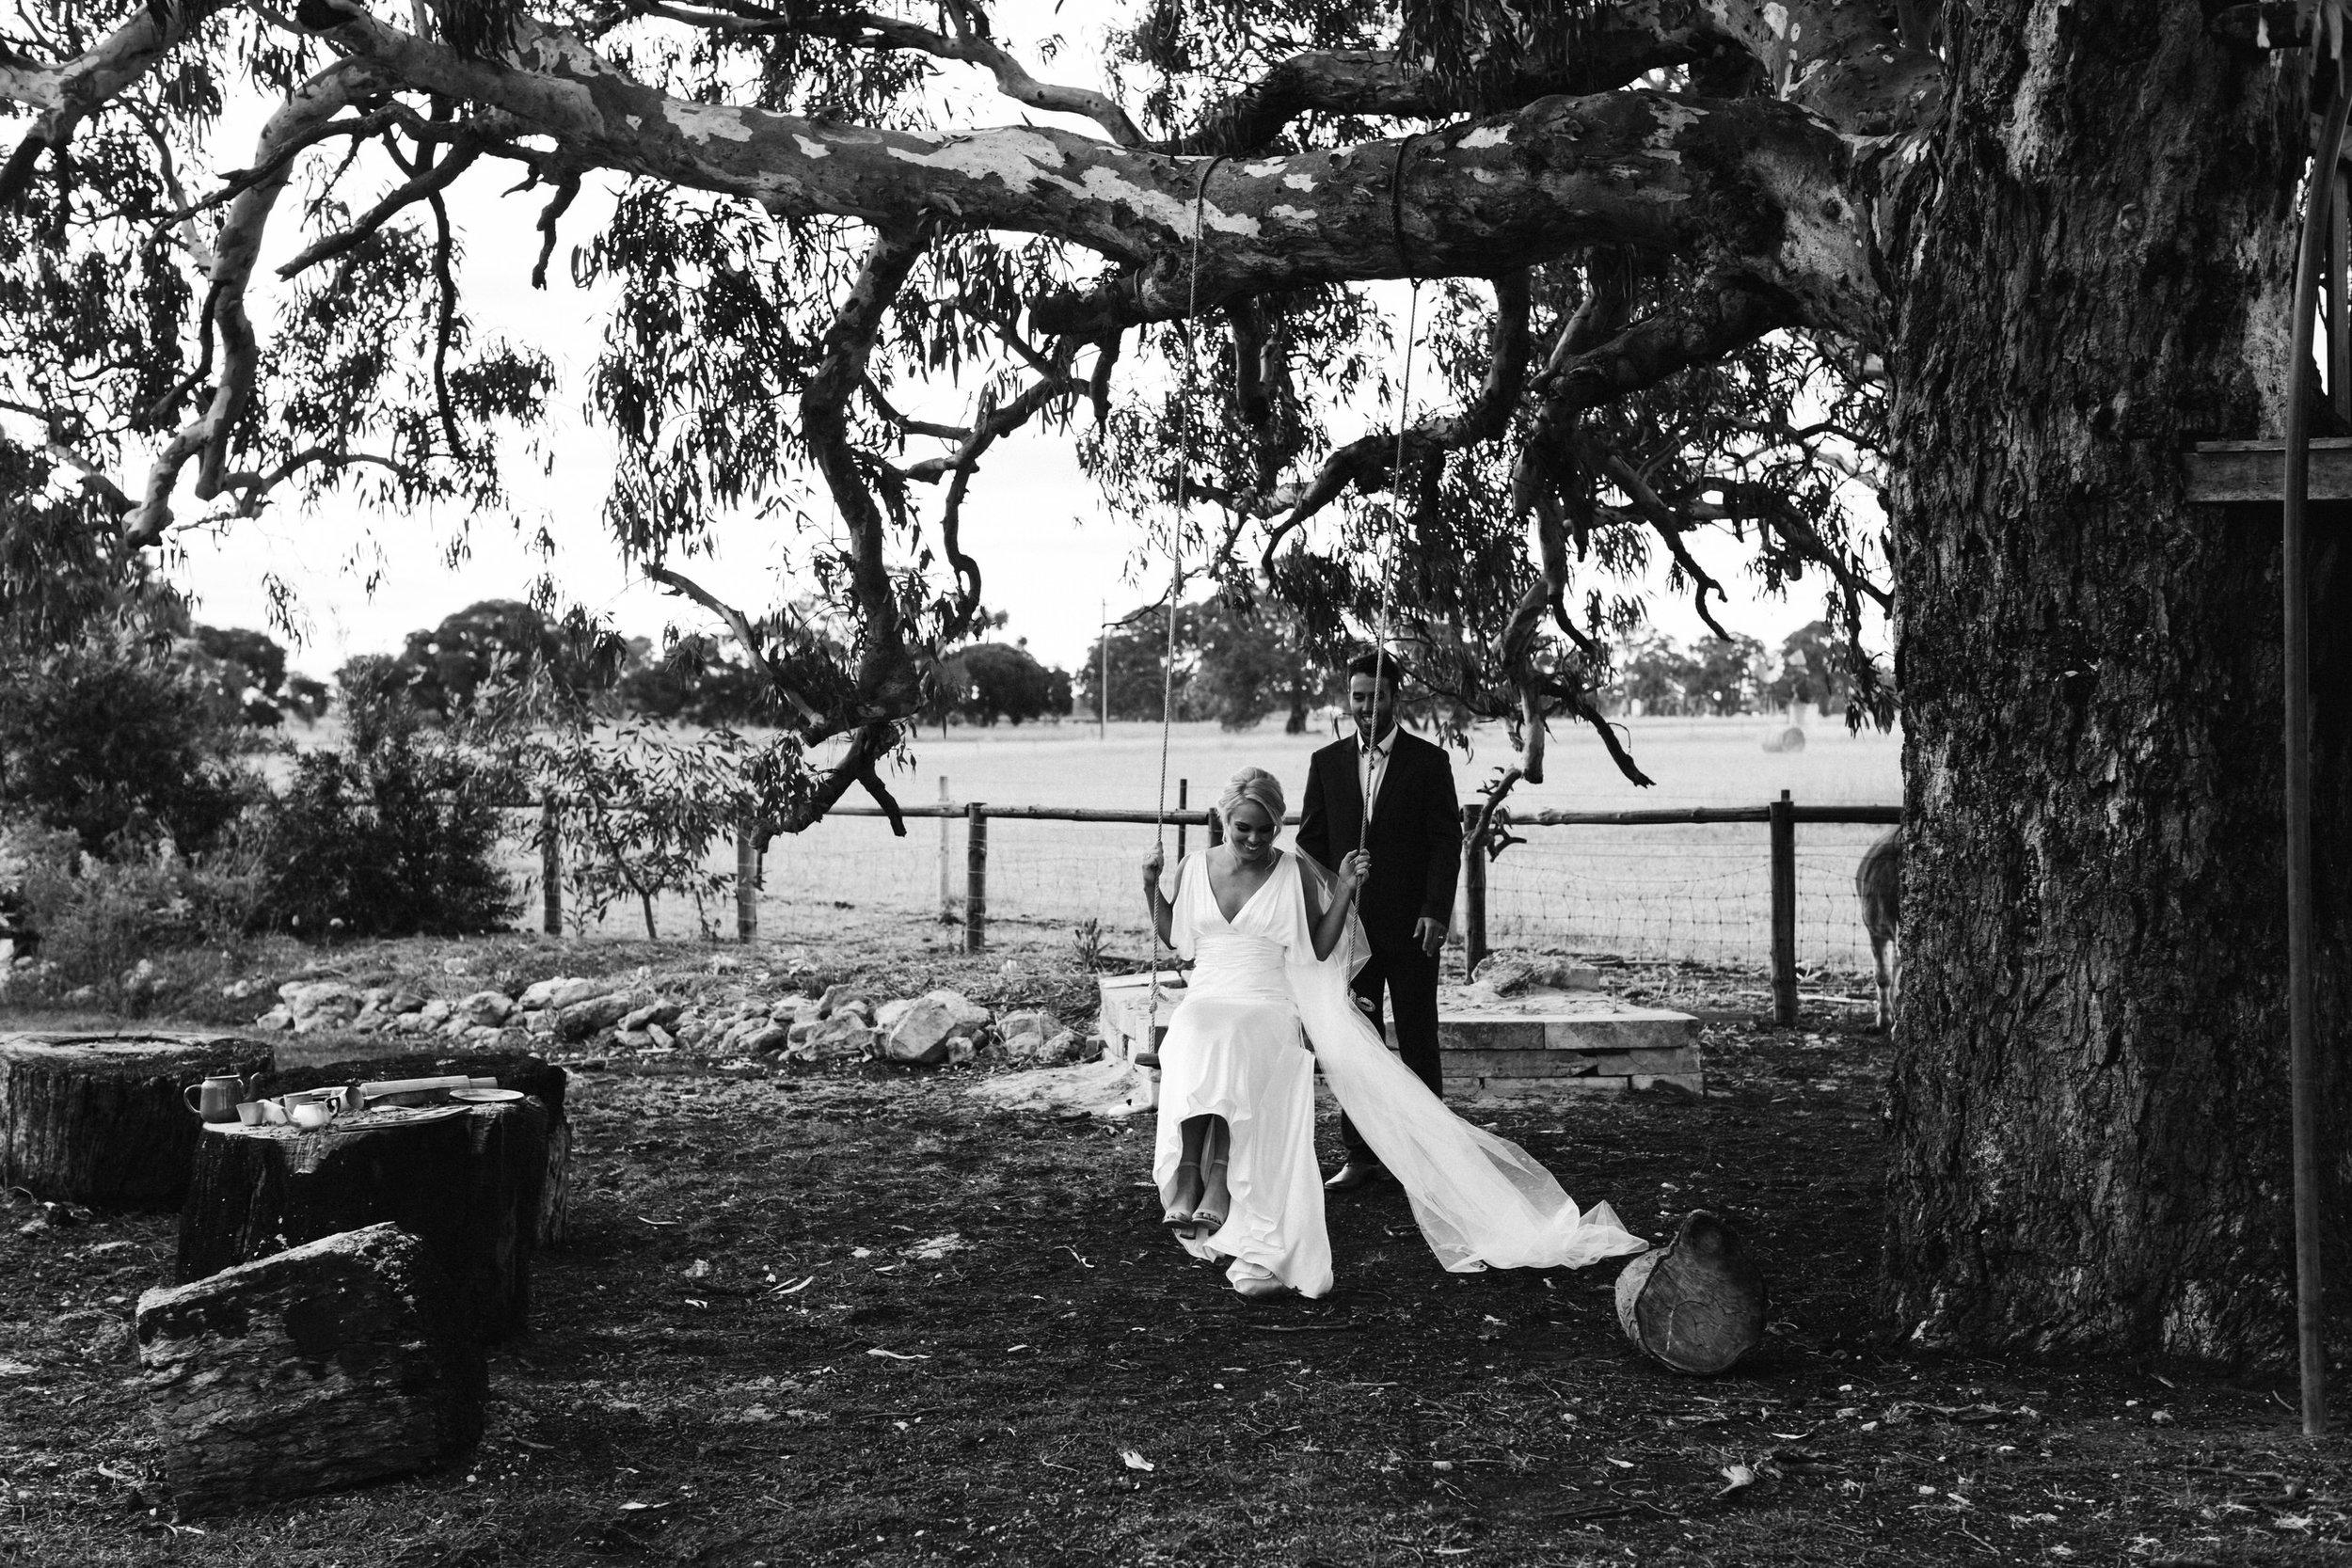 Coonawarra Elopement South Australia 062.jpg